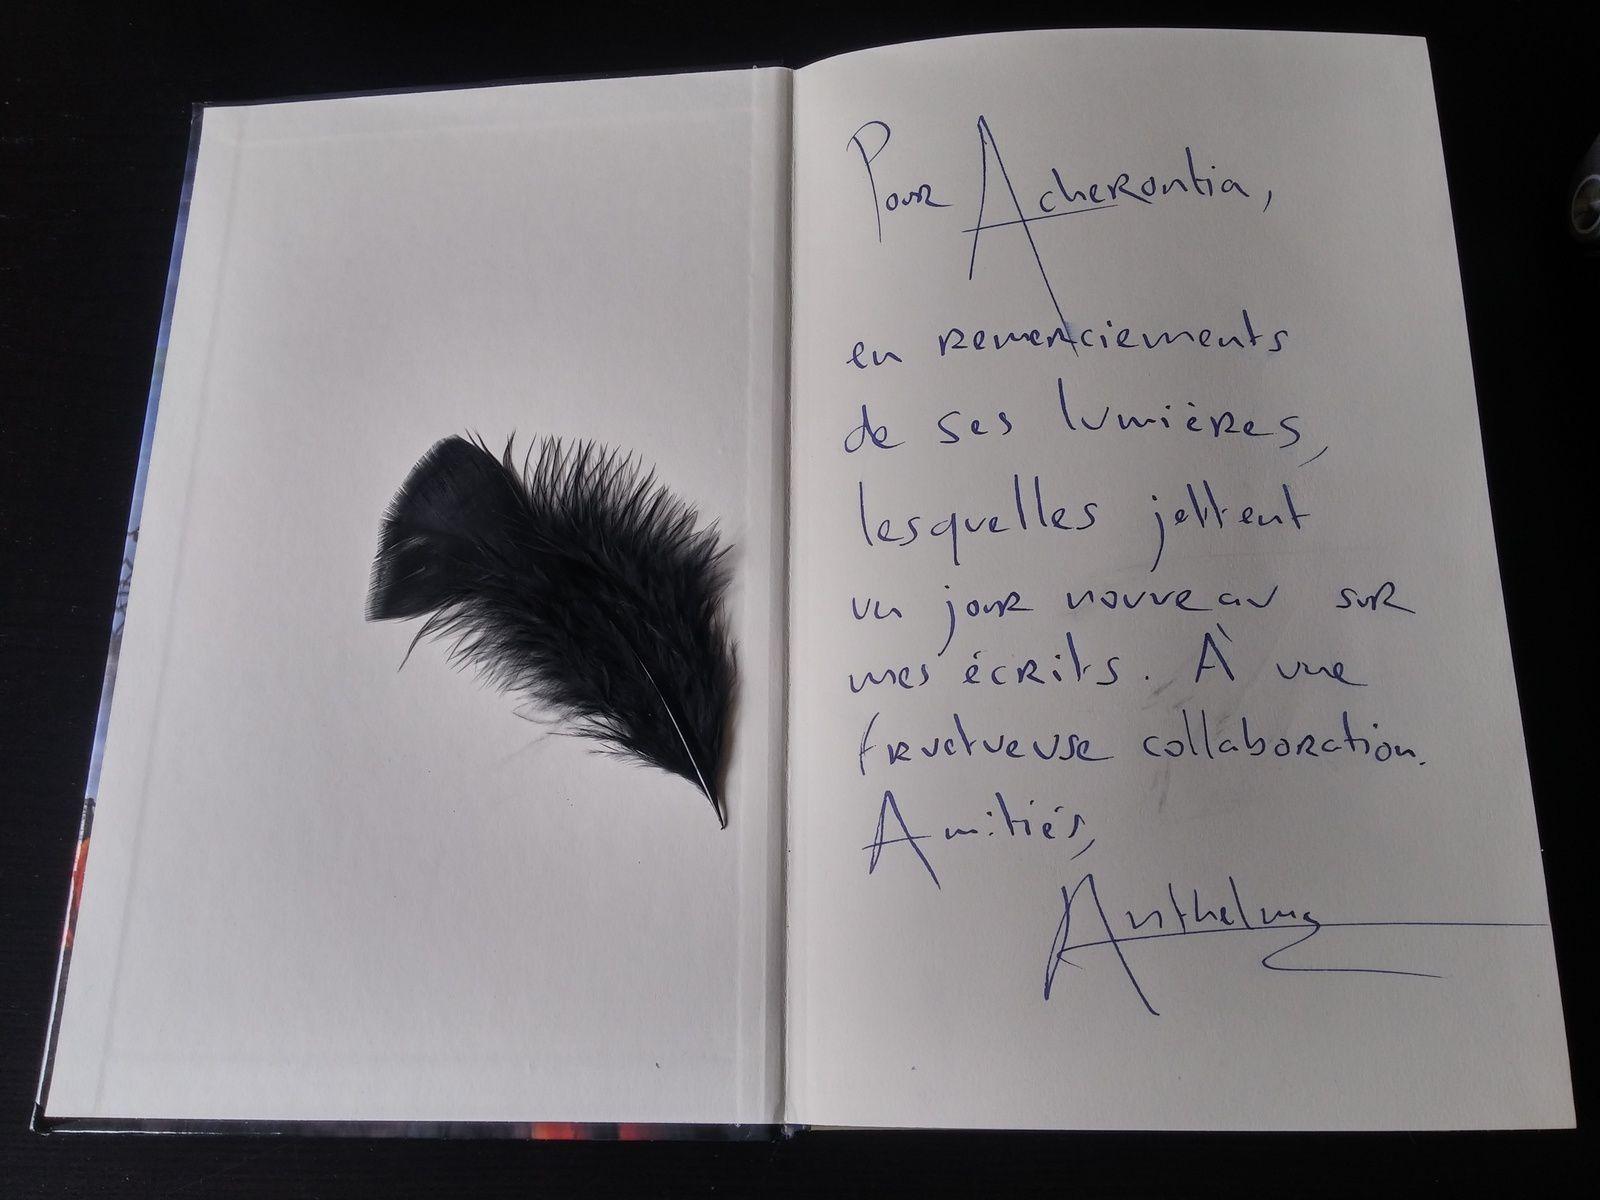 [Chronique] Le carnaval aux corbeaux, d'Anthelme Hauchecorne